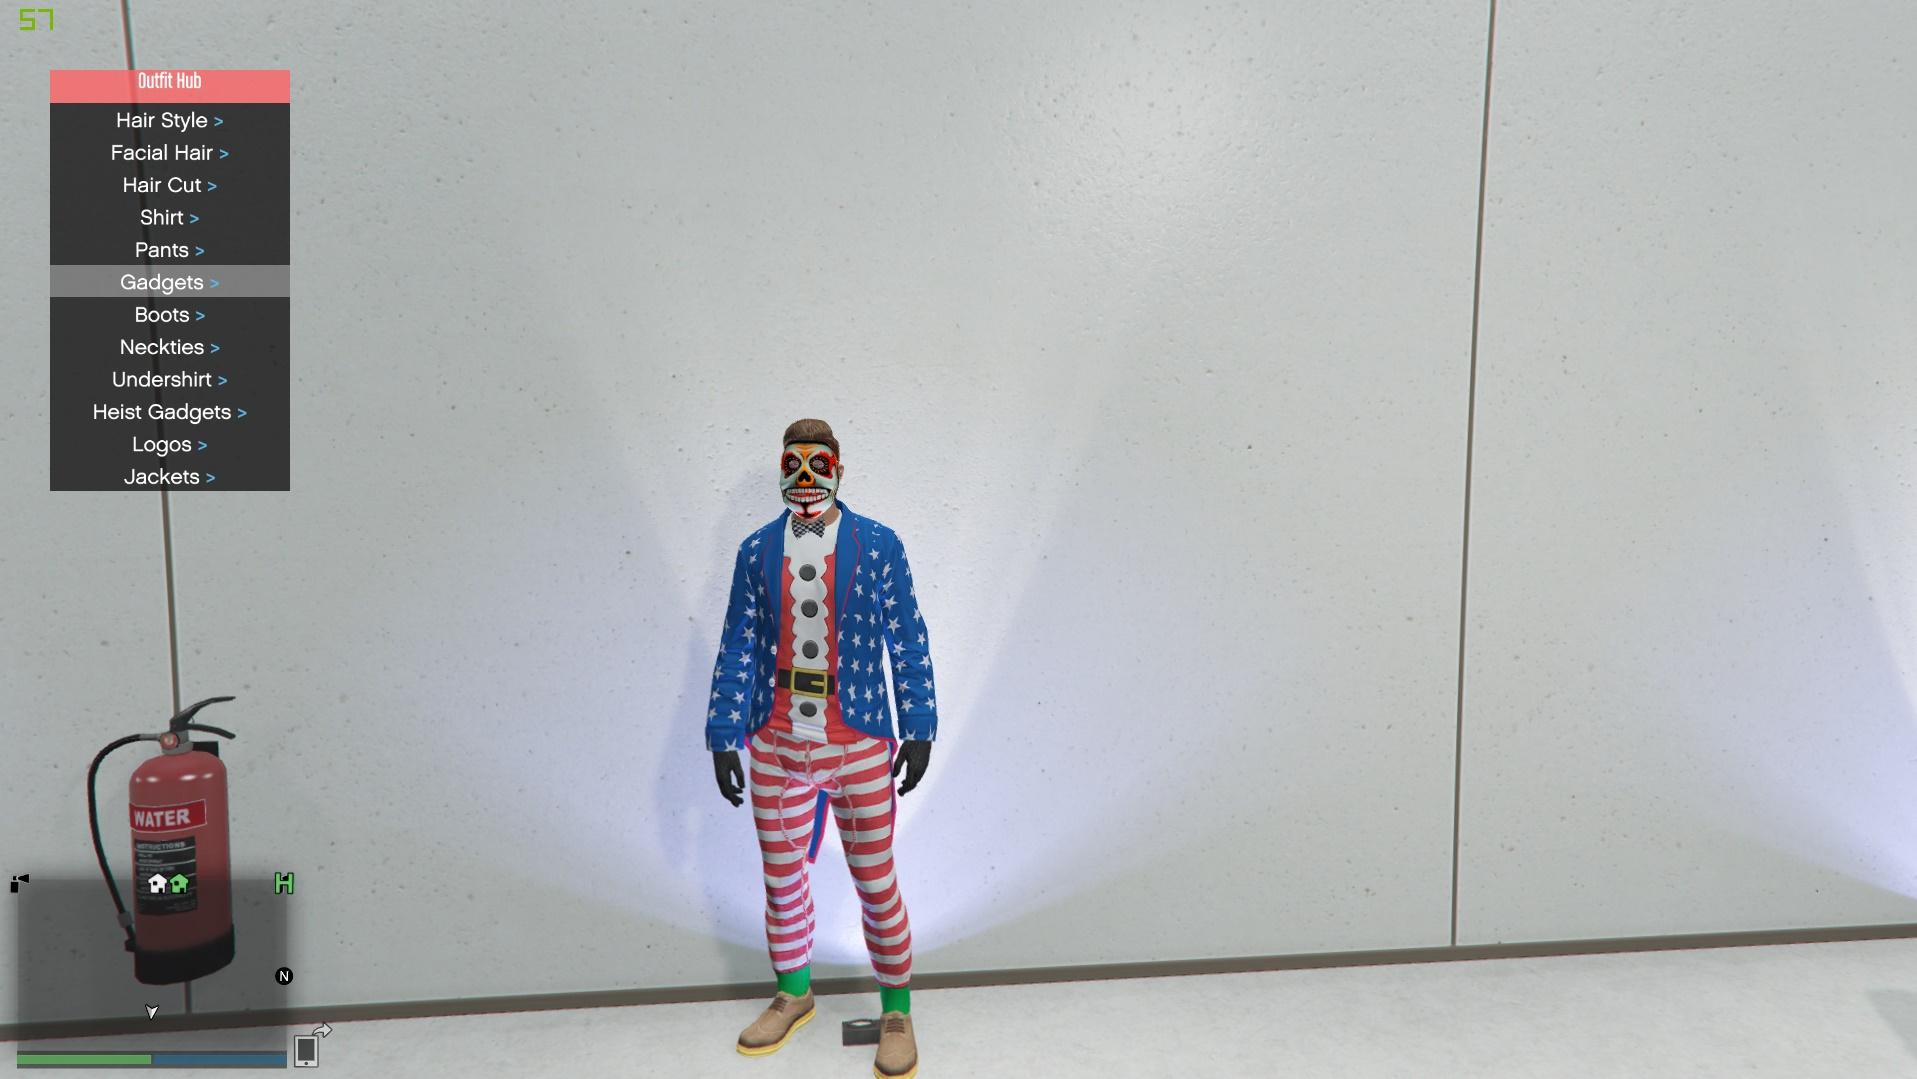 Outfit Saver and Editor [GTALua] - GTA5-Mods.com